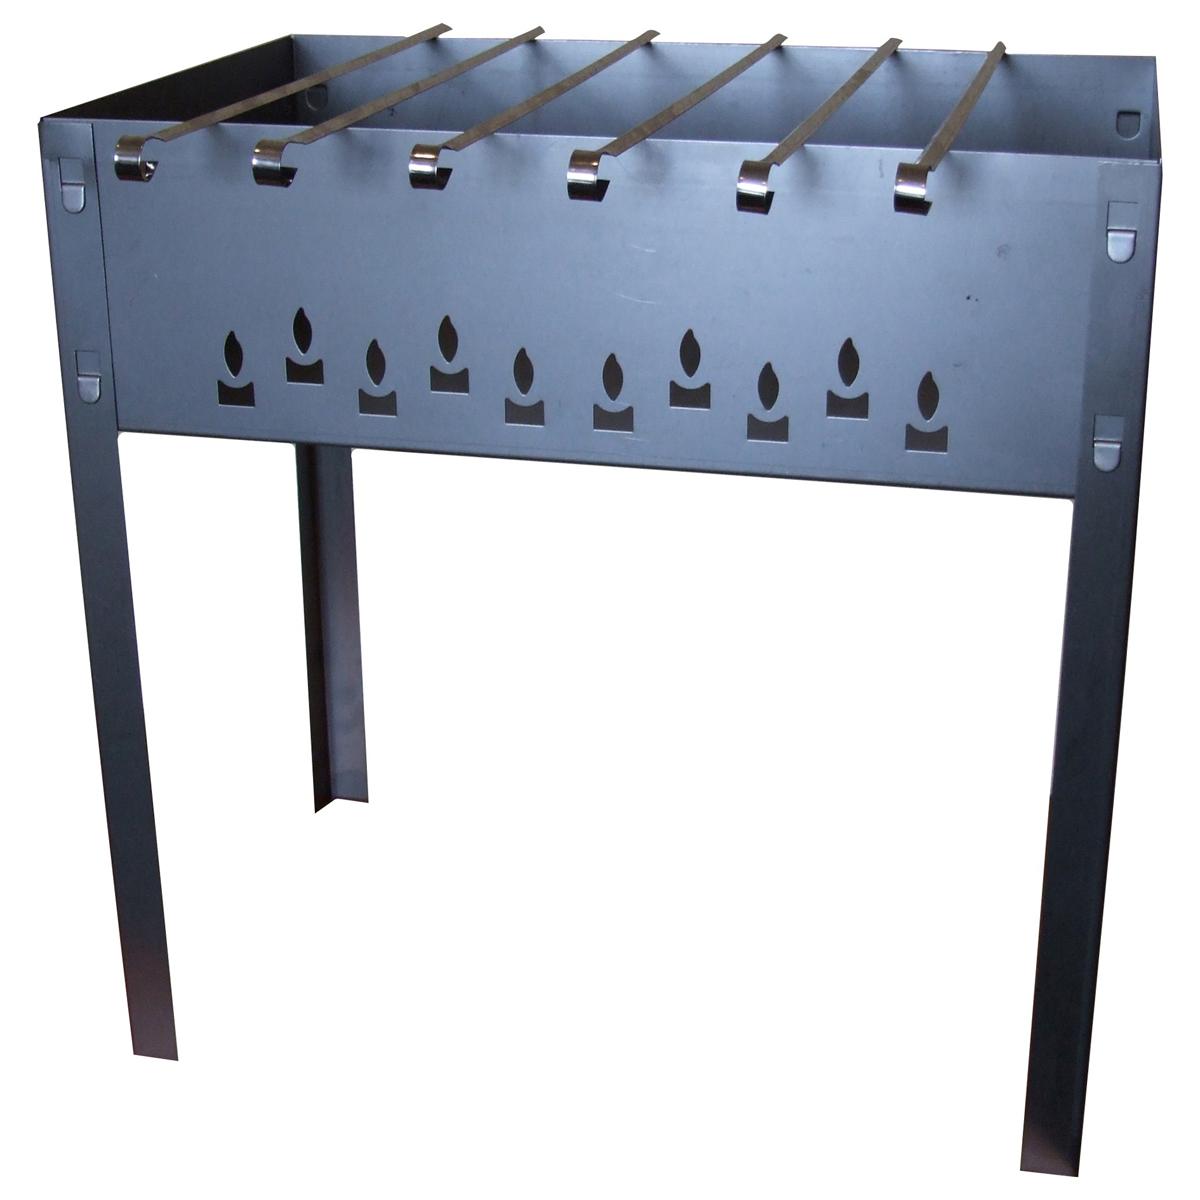 Мангал сборный Грилькофф Стандарт, 6 шампуров, 50 см х 50 см х 30 см8Сборный переносной мангал Грилькофф Стандарт изготовлен из нержавеющей стали. Предназначен для приготовления мяса, птицы, рыбы, овощей на открытом воздухе. Мангал хорошо поддерживает жар, не требуя большого количества топлива. Простота и легкость конструкции мангала обеспечивают его быструю сборку и длительную эксплуатацию. В разобранном виде мангал очень компактен, благодаря чему он не занимает много места, например, в багажнике автомобиля. В комплекте с мангалом 6 шампуров. Размер мангала: 50 см х 50 см х 30 см.